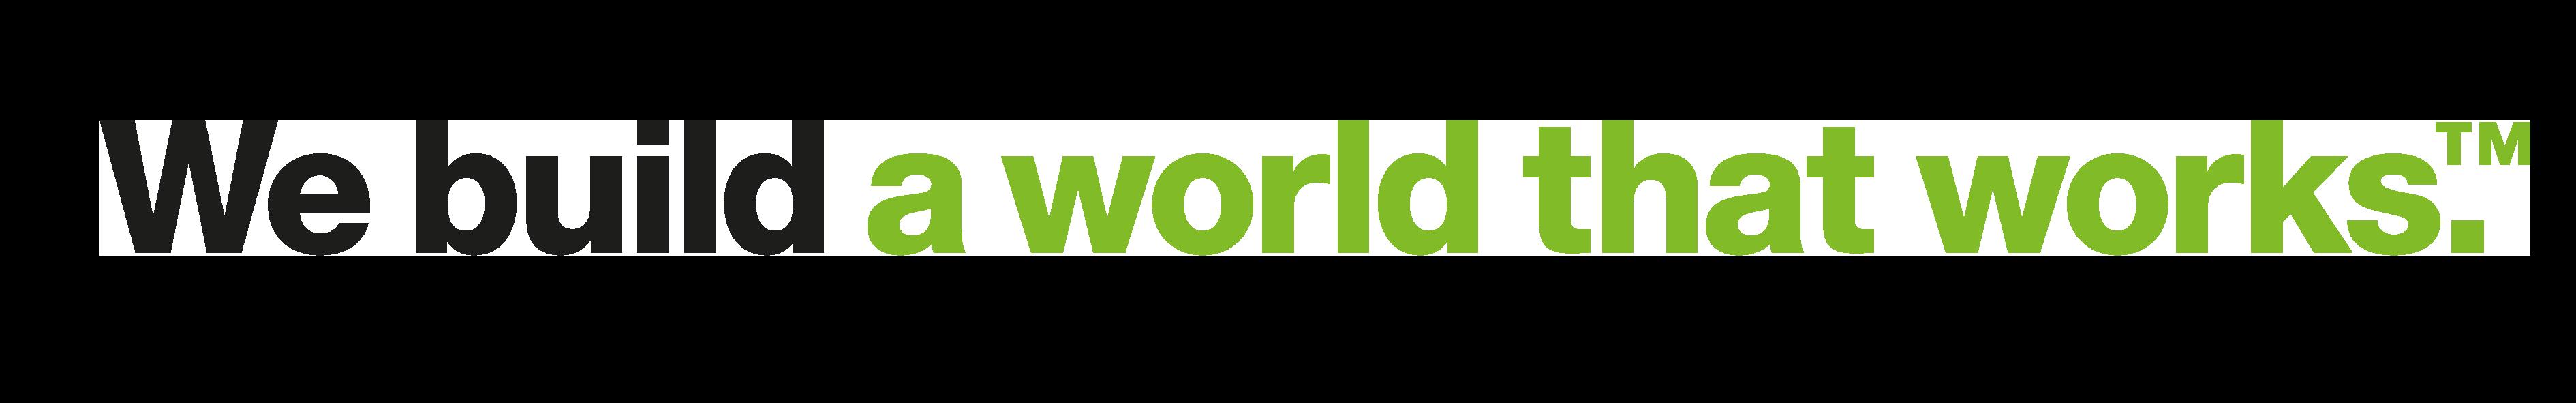 WorldThatWorks (RGB)